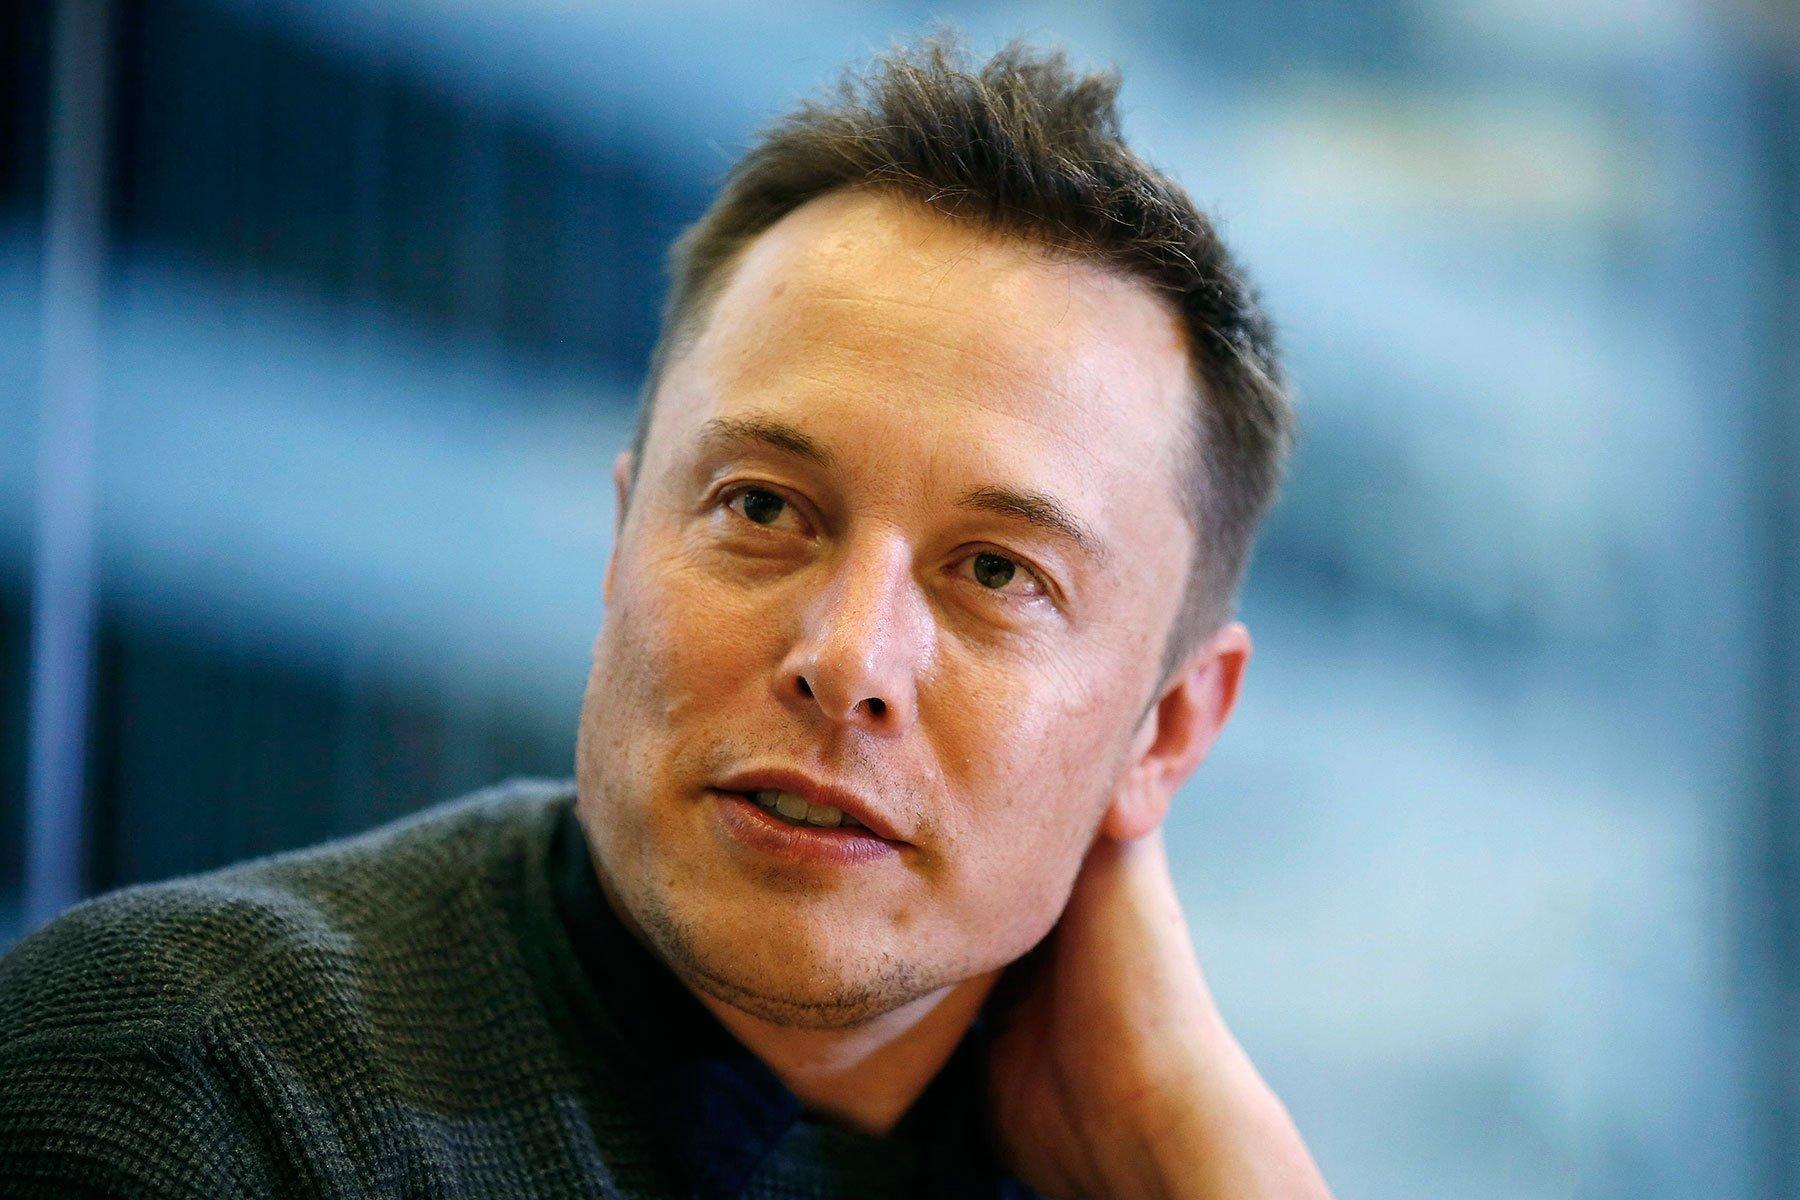 Маск получил разрешение настроительство туннеля для hyperloop